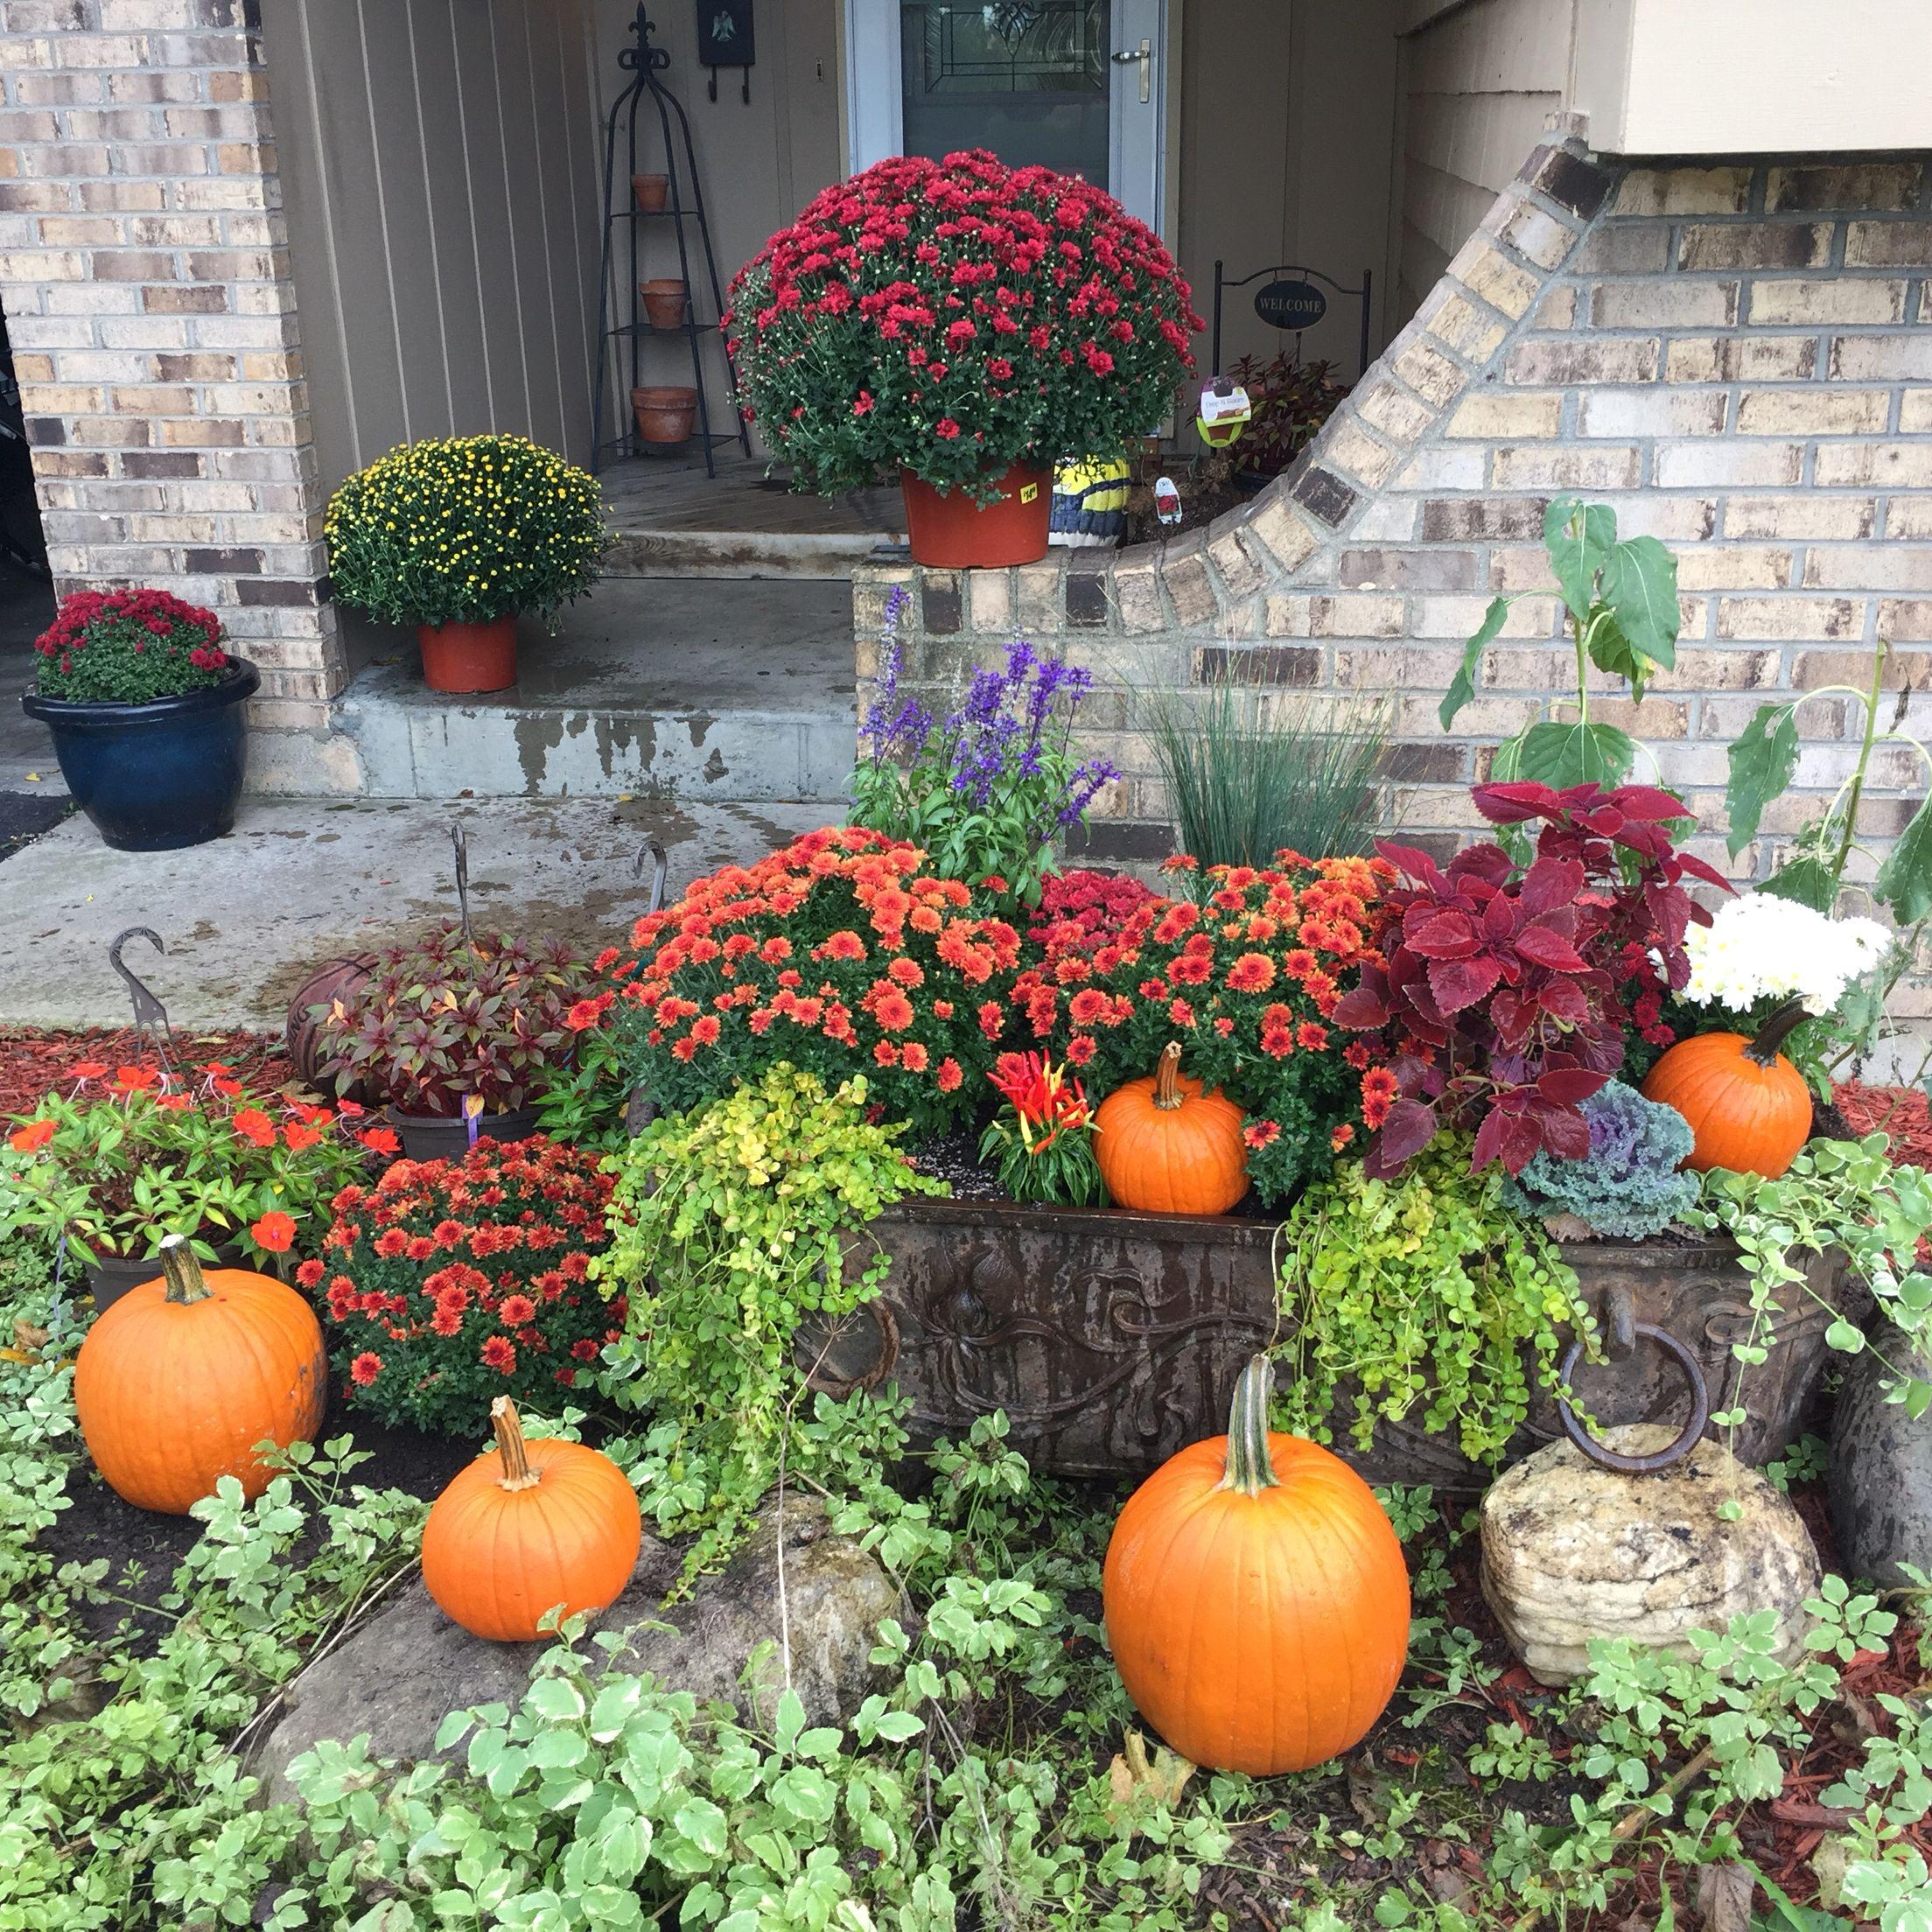 Tub planter for Fall season.